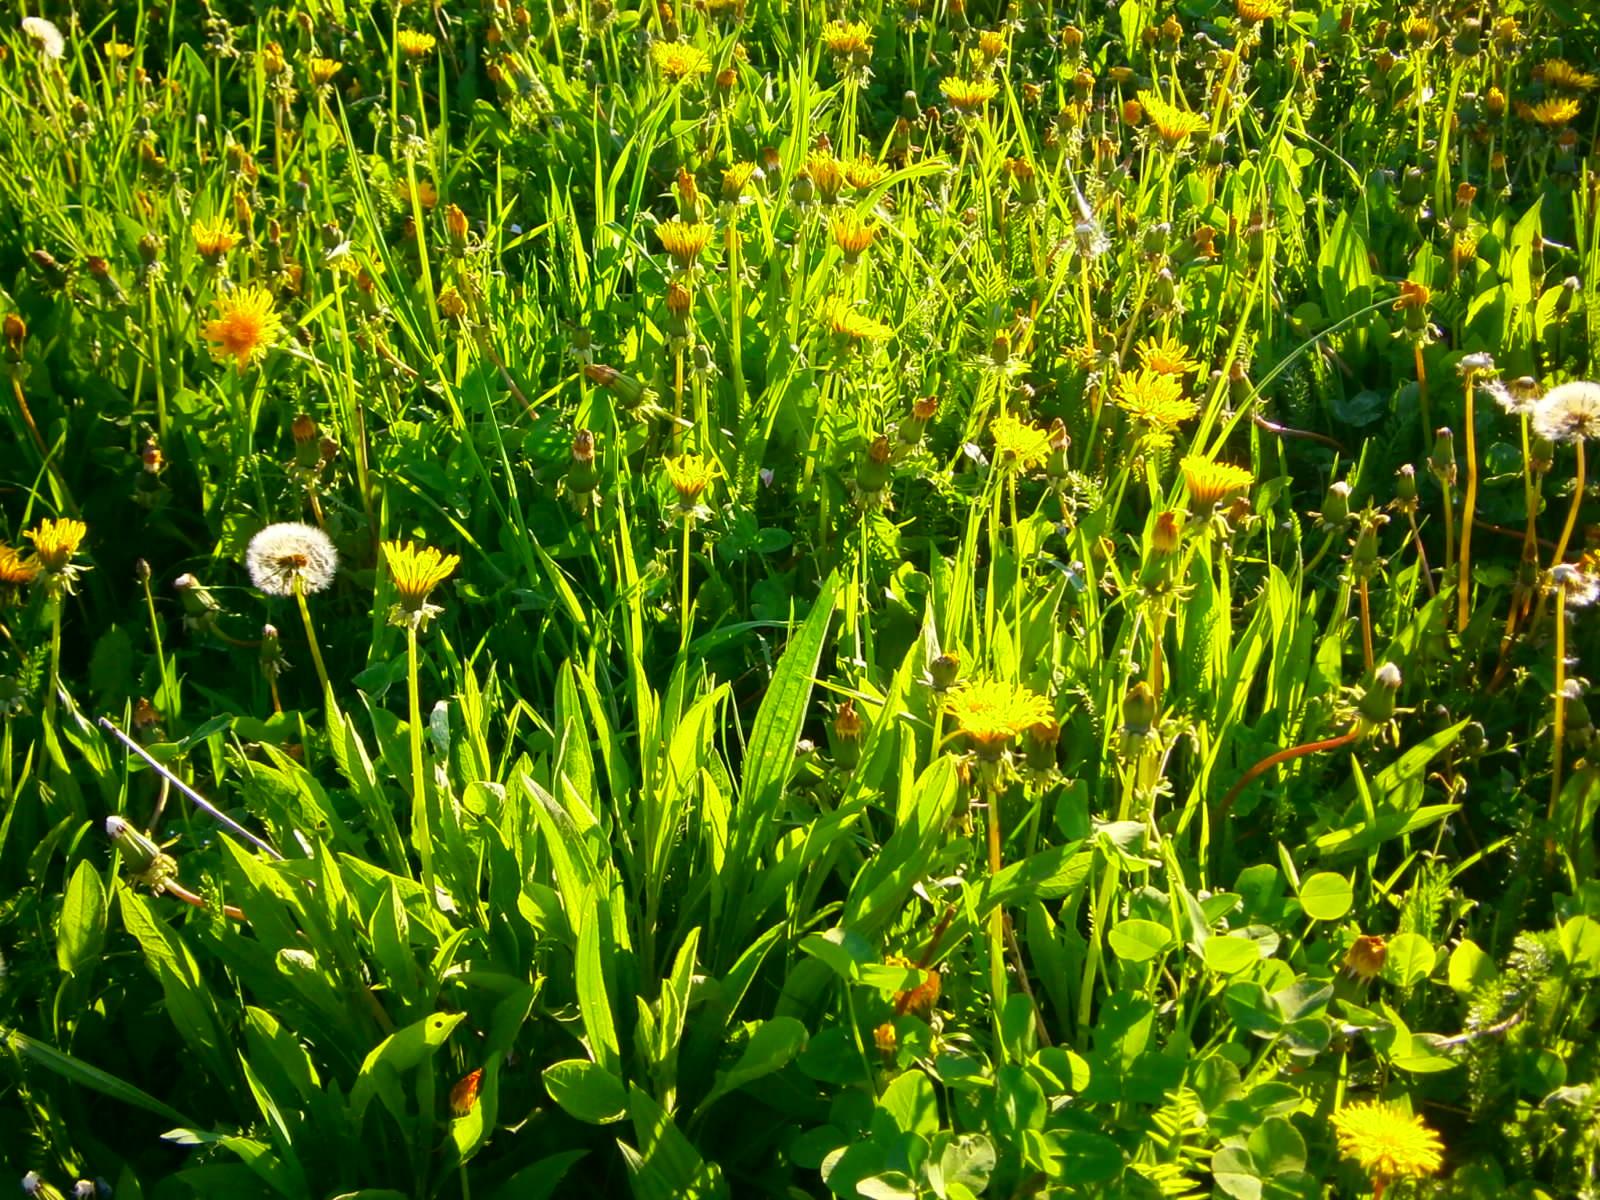 Eine Bienenwiese im Frühling präsentiert sich in frischem Grün und Gelb.